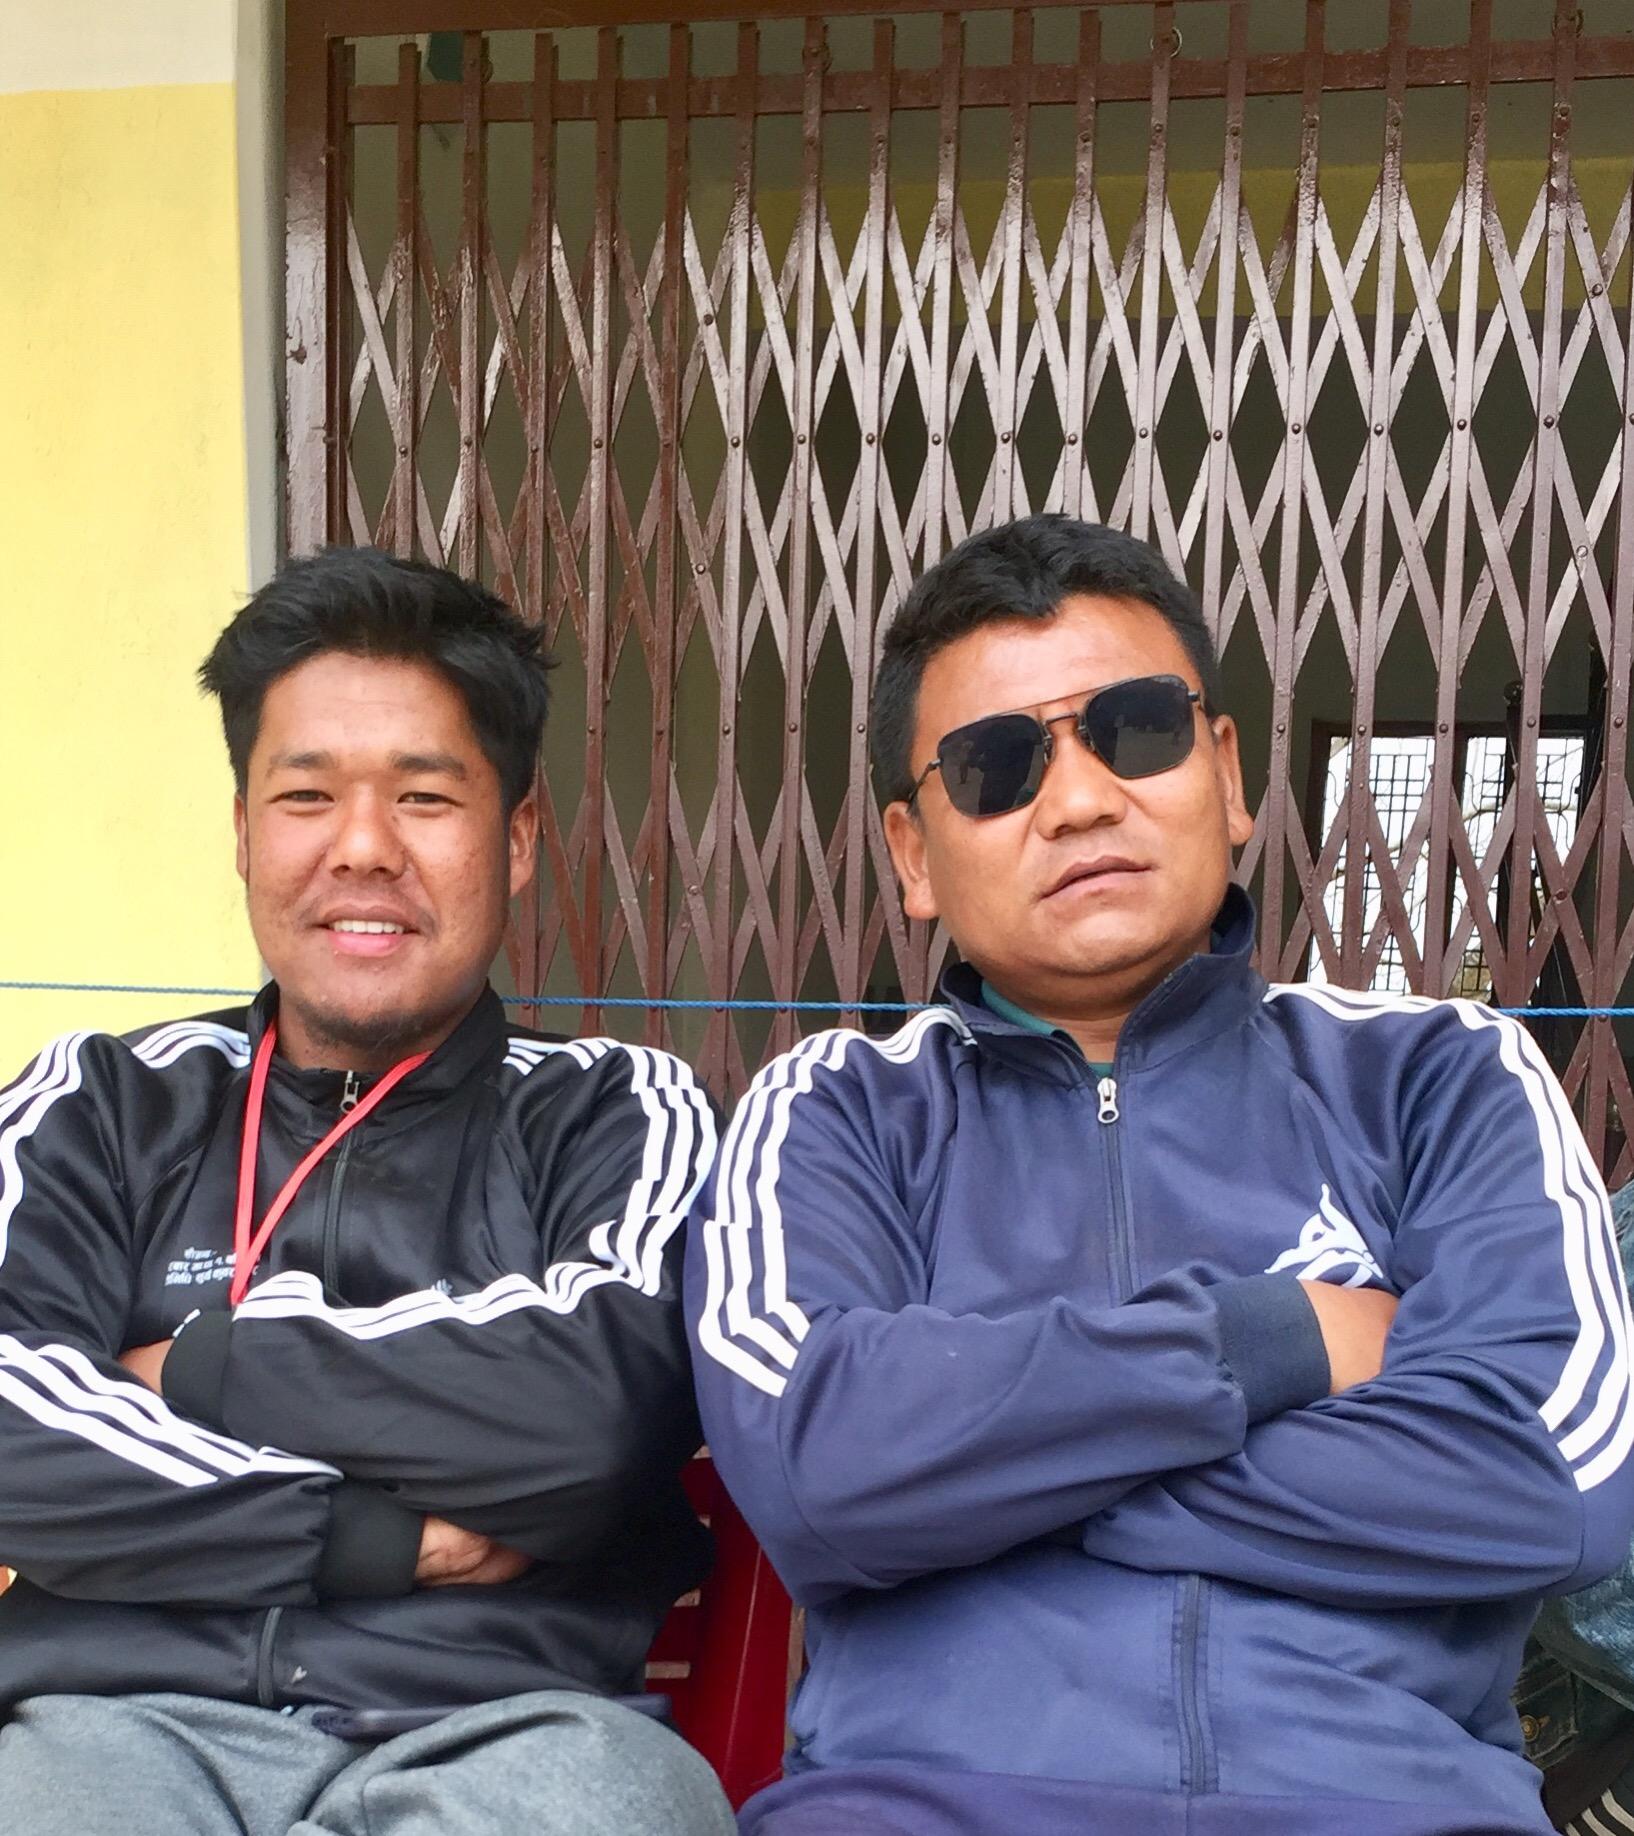 <figcaption>लुम्बिनी प्रादेशिक रेफ्रीहरू क्रमश नबिन छन्तेल र शोम दर्लामी</figcaption>